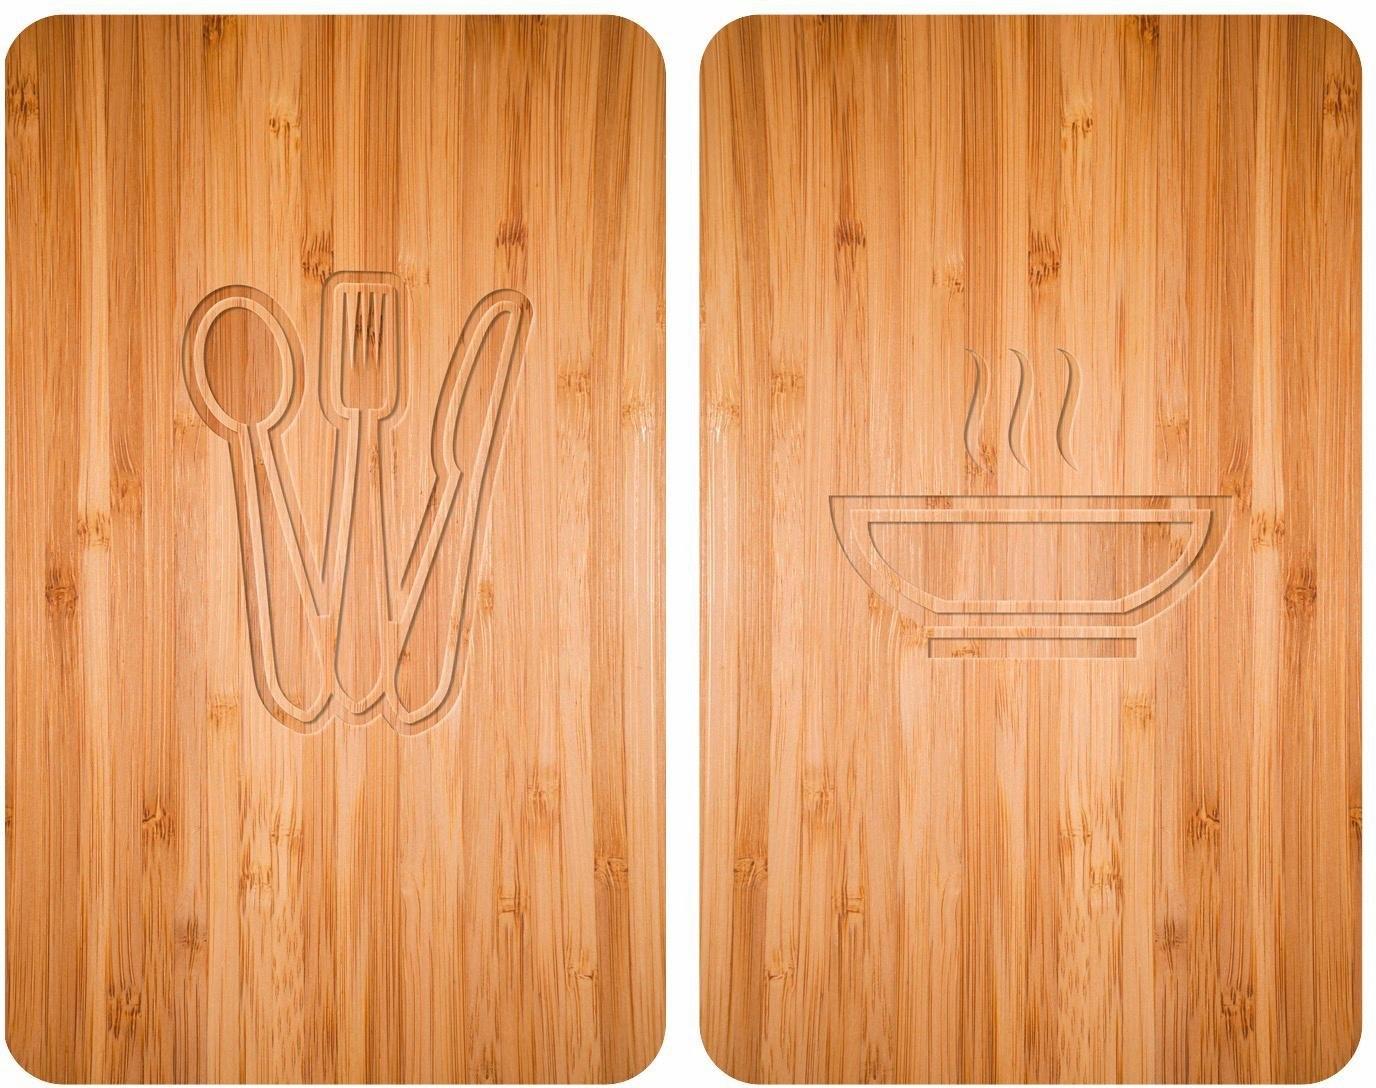 WENKO kookplaatafdekblad, set van 2, 30 x 52 cm, »Lunch« bij OTTO online kopen